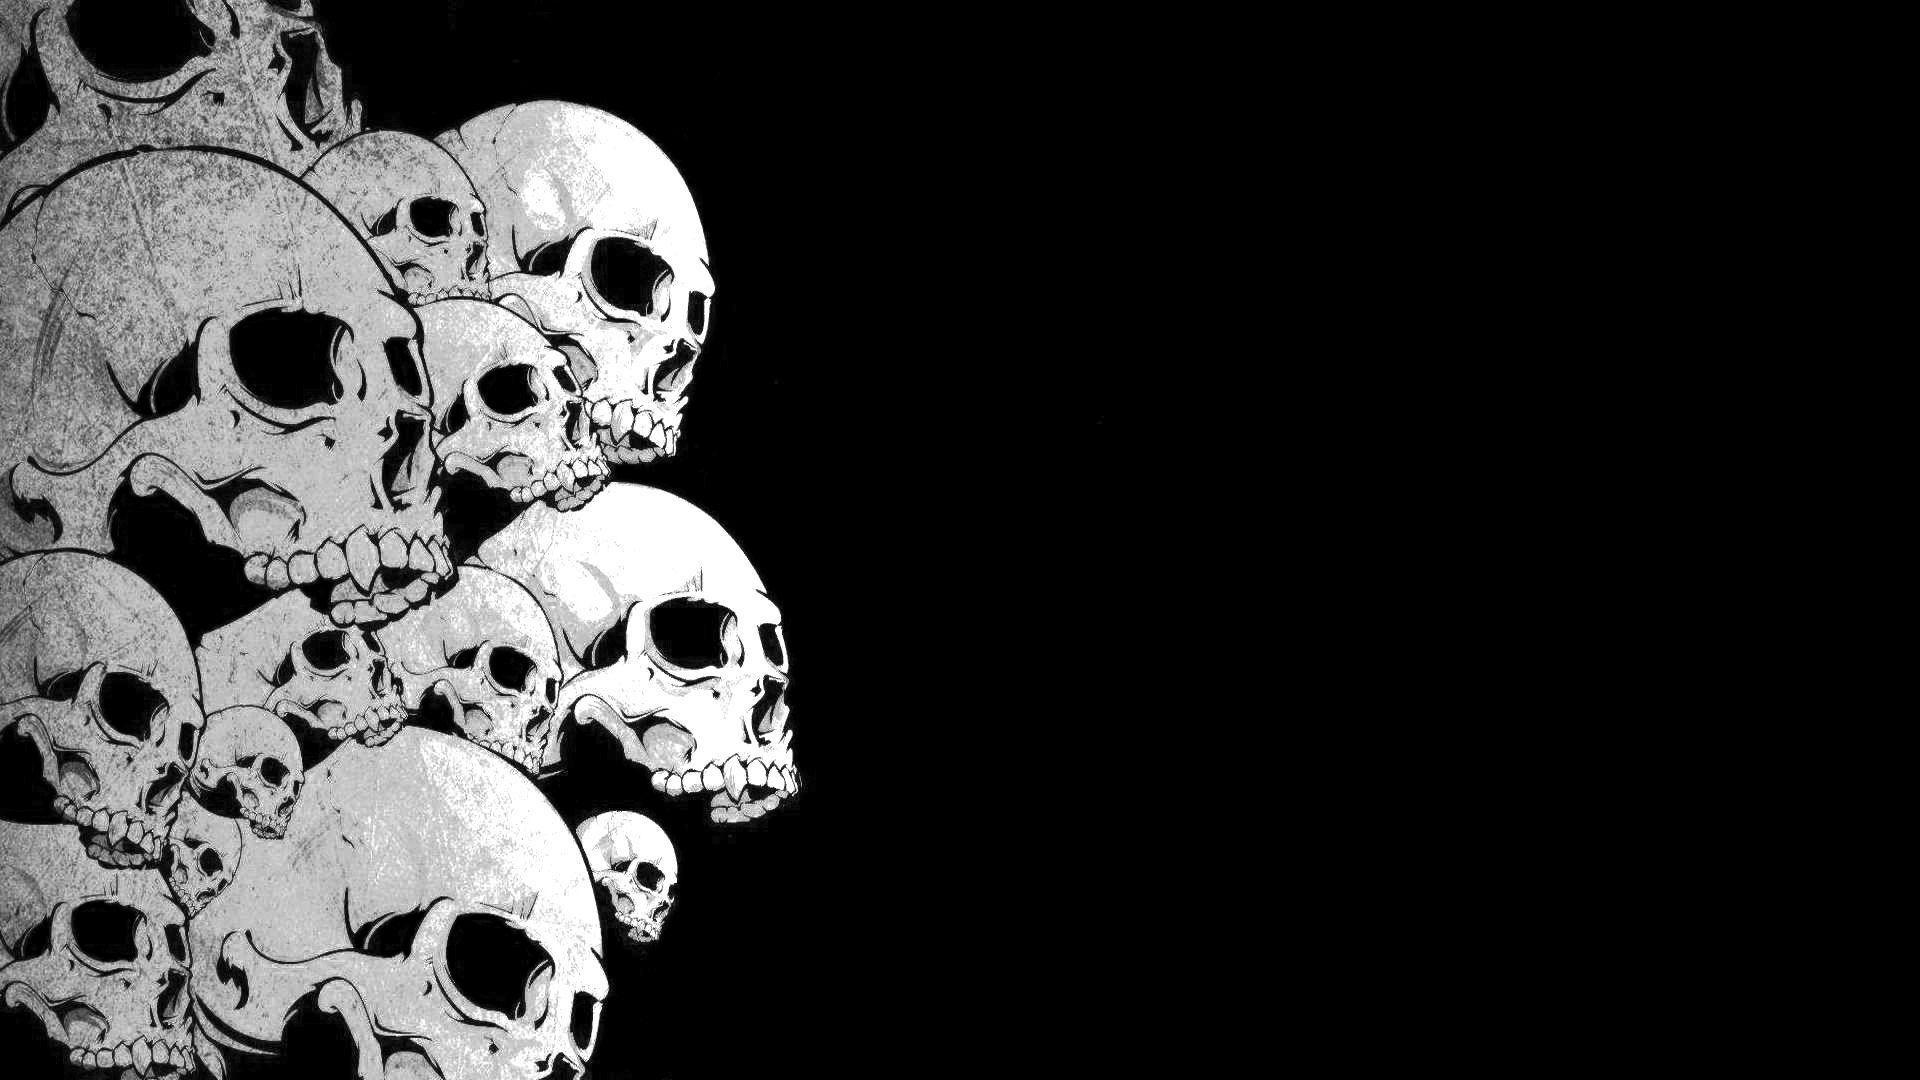 Skulls Wallpaper HD ·â' WallpaperTag